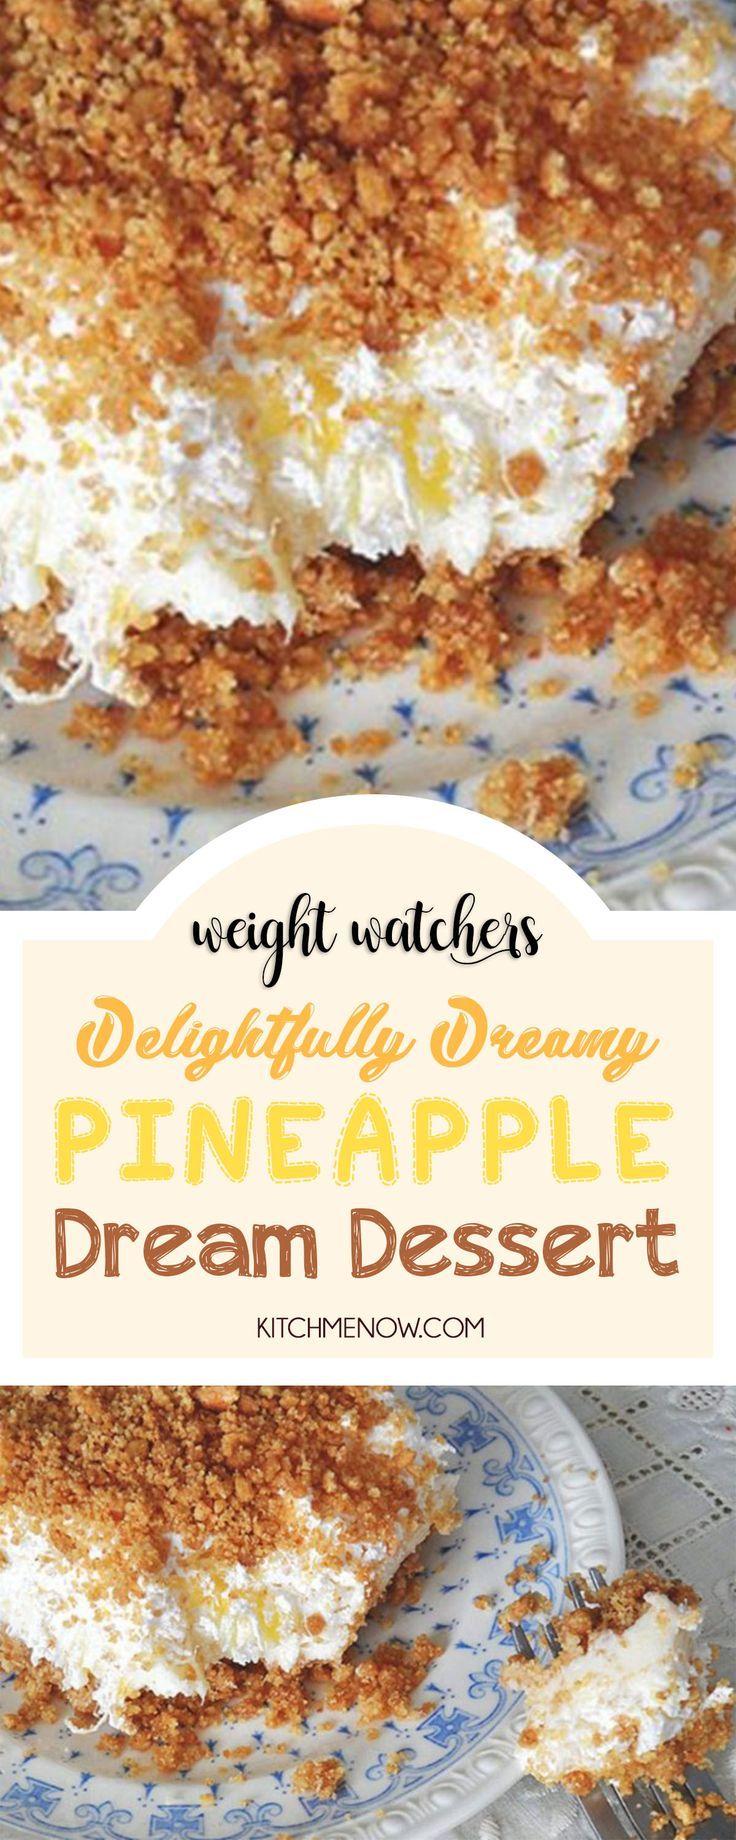 Menu De Noel Weight Watchers.Delightfully Dreamy Pineapple Dream Dessert Weightwatchers